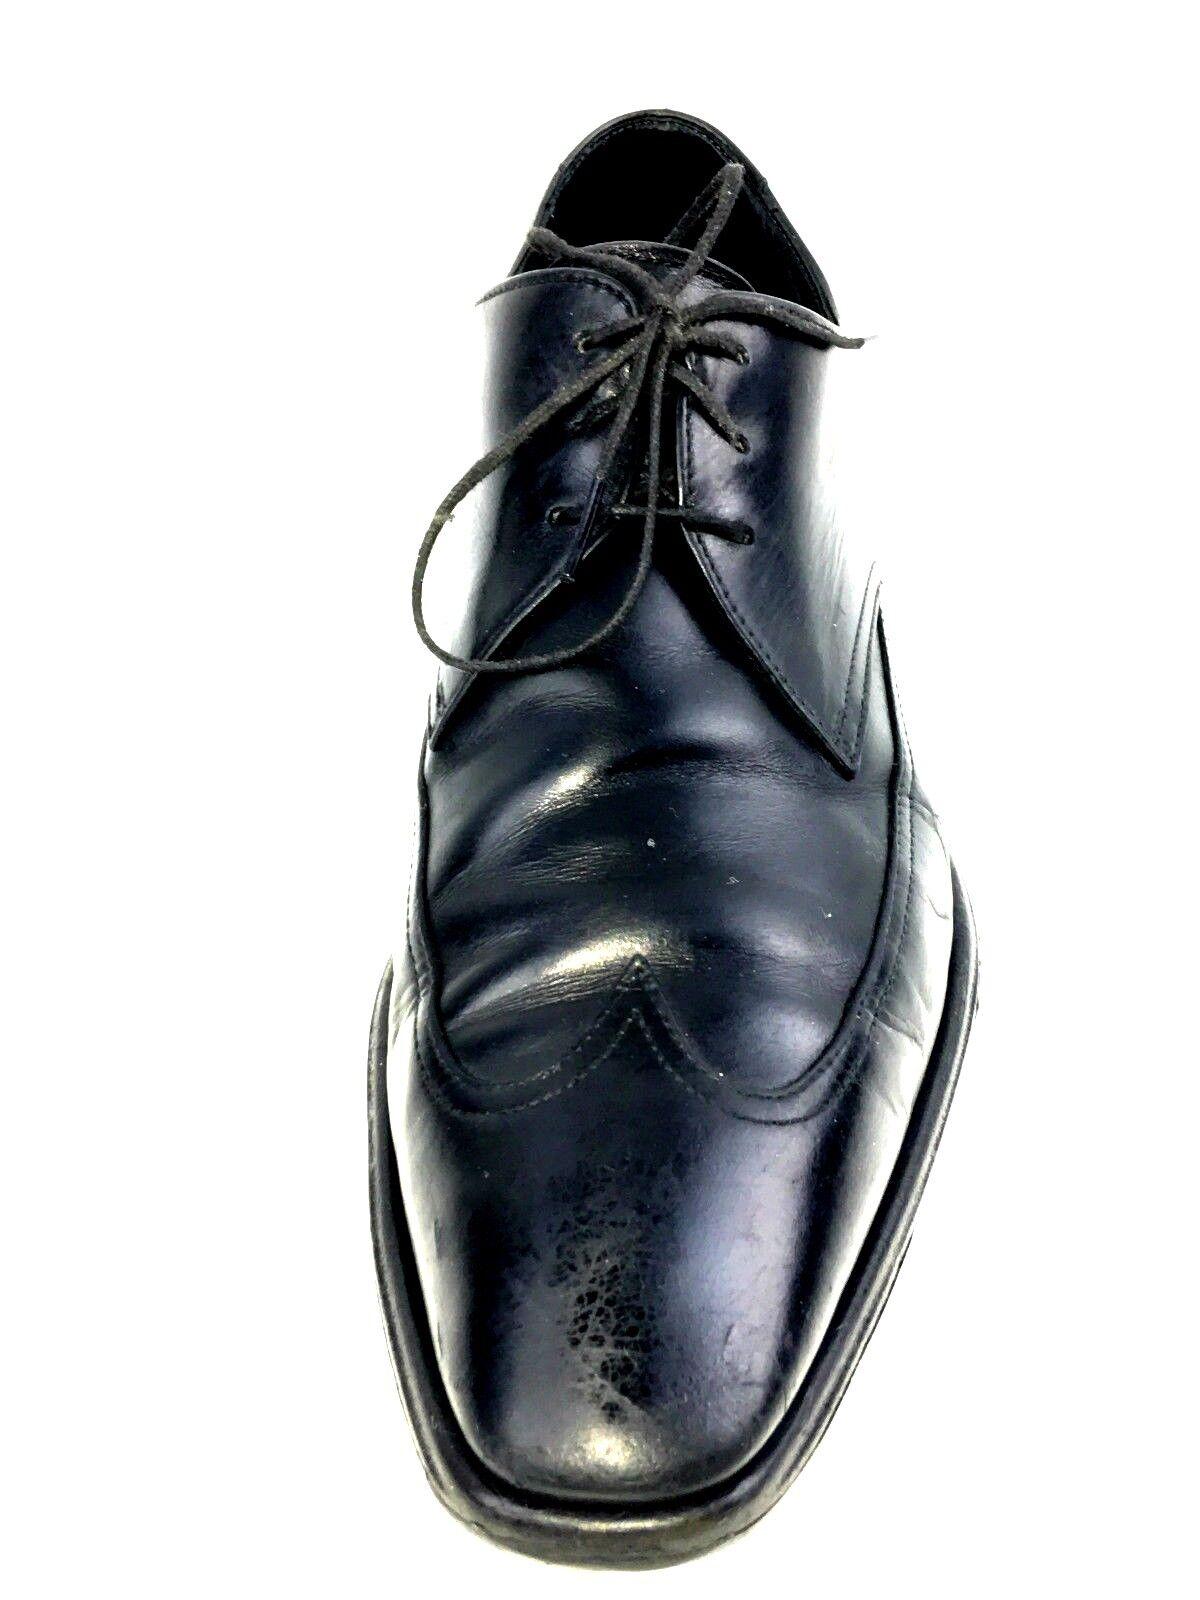 qualità garantita Hugo Hugo Hugo Boss Wingtip Uomo Fashion Leather Oxford Dress scarpe Brogue Blk  Dimensione 8 US  negozio fa acquisti e vendite